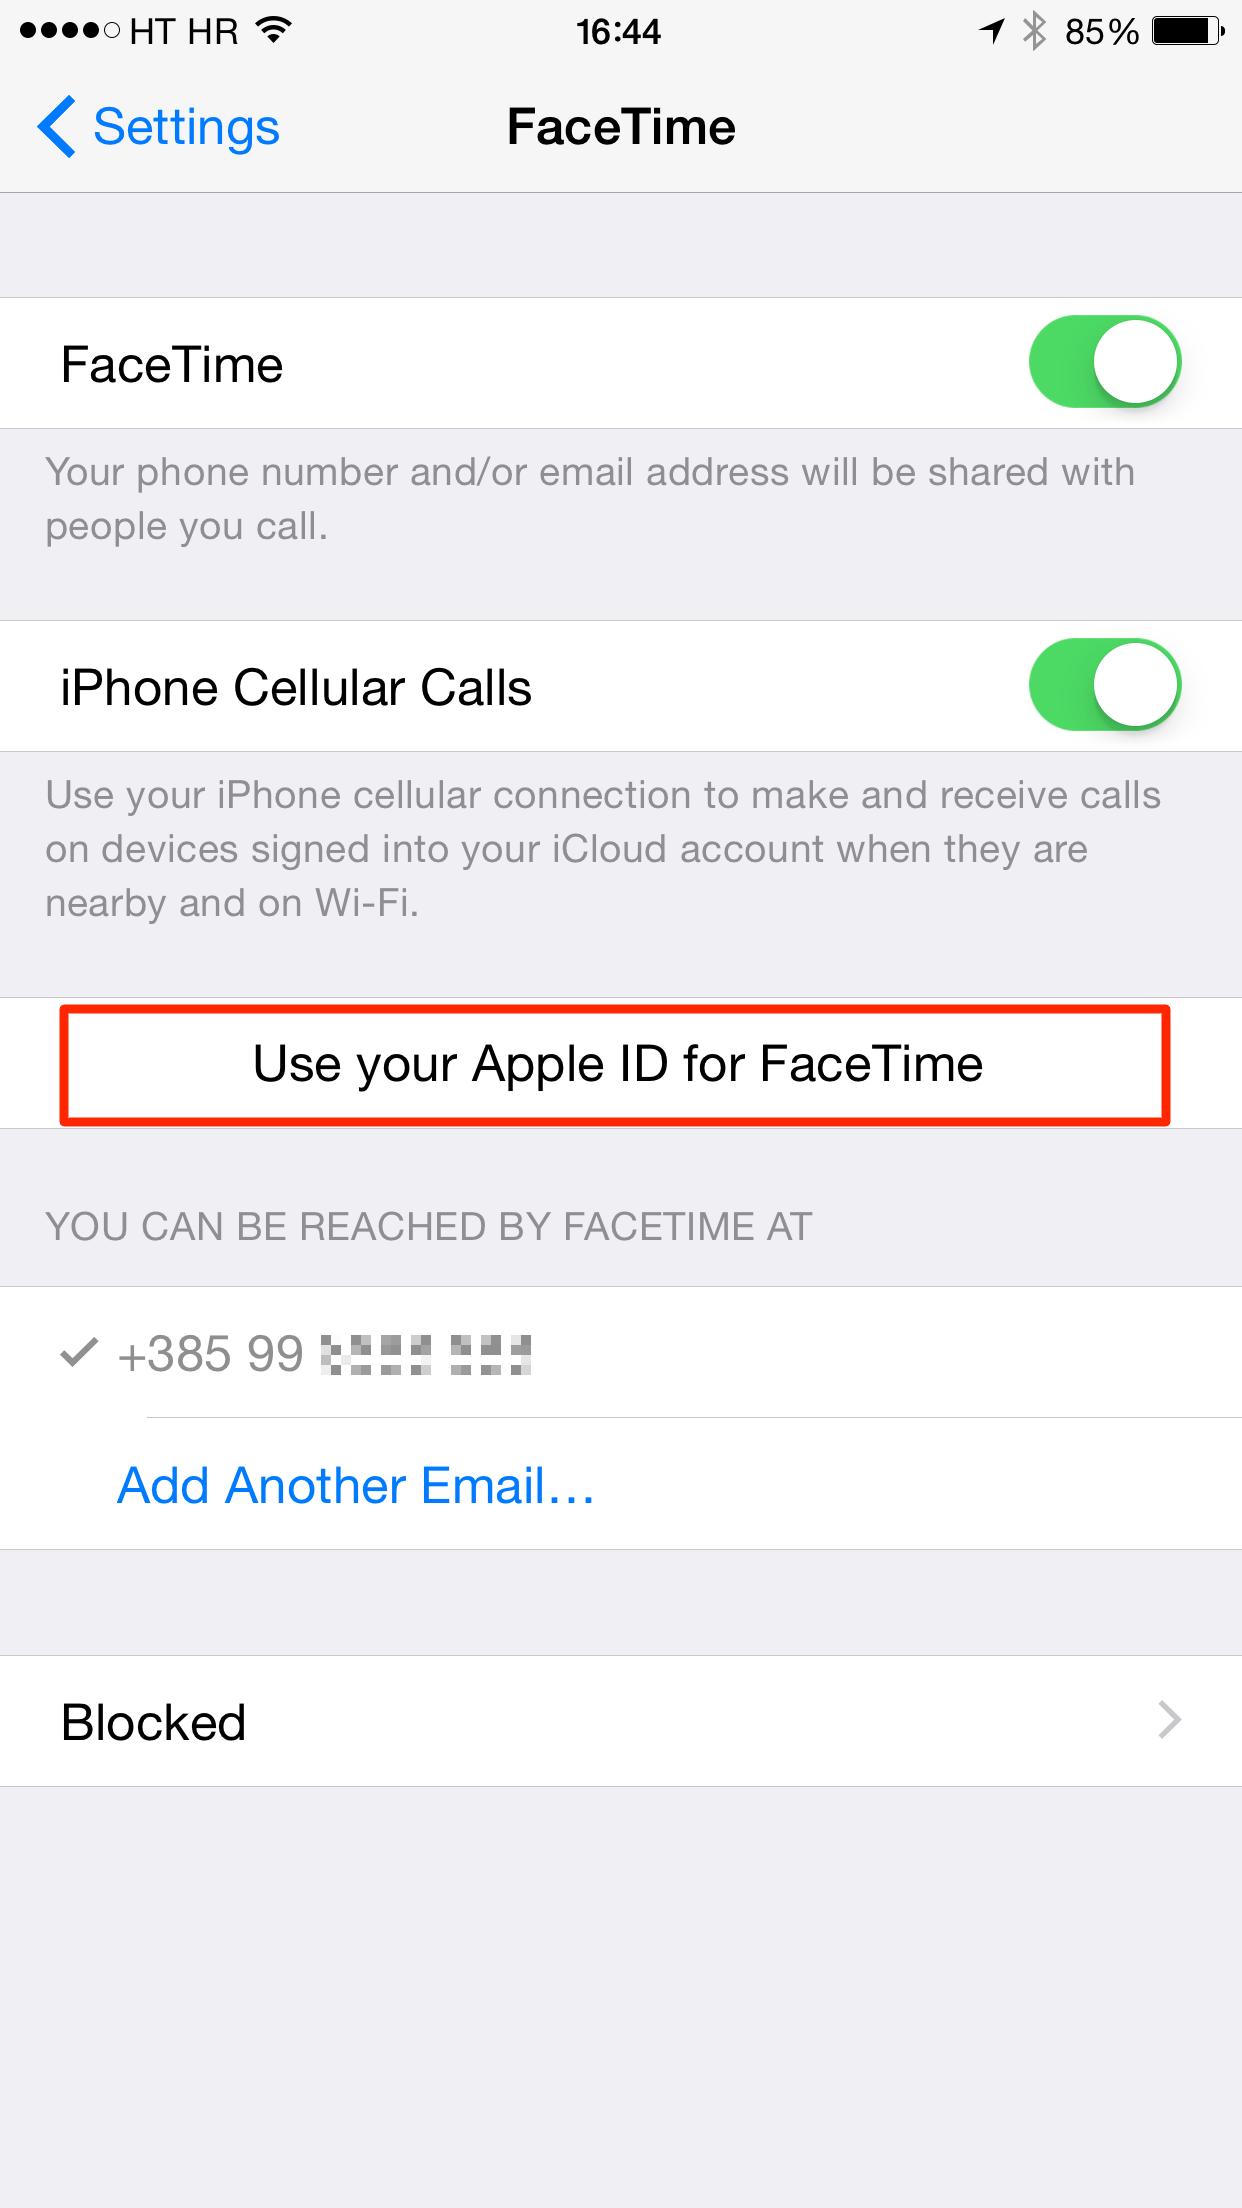 iOS 8 (FaceTime, iPhone Cellular Calls 003)